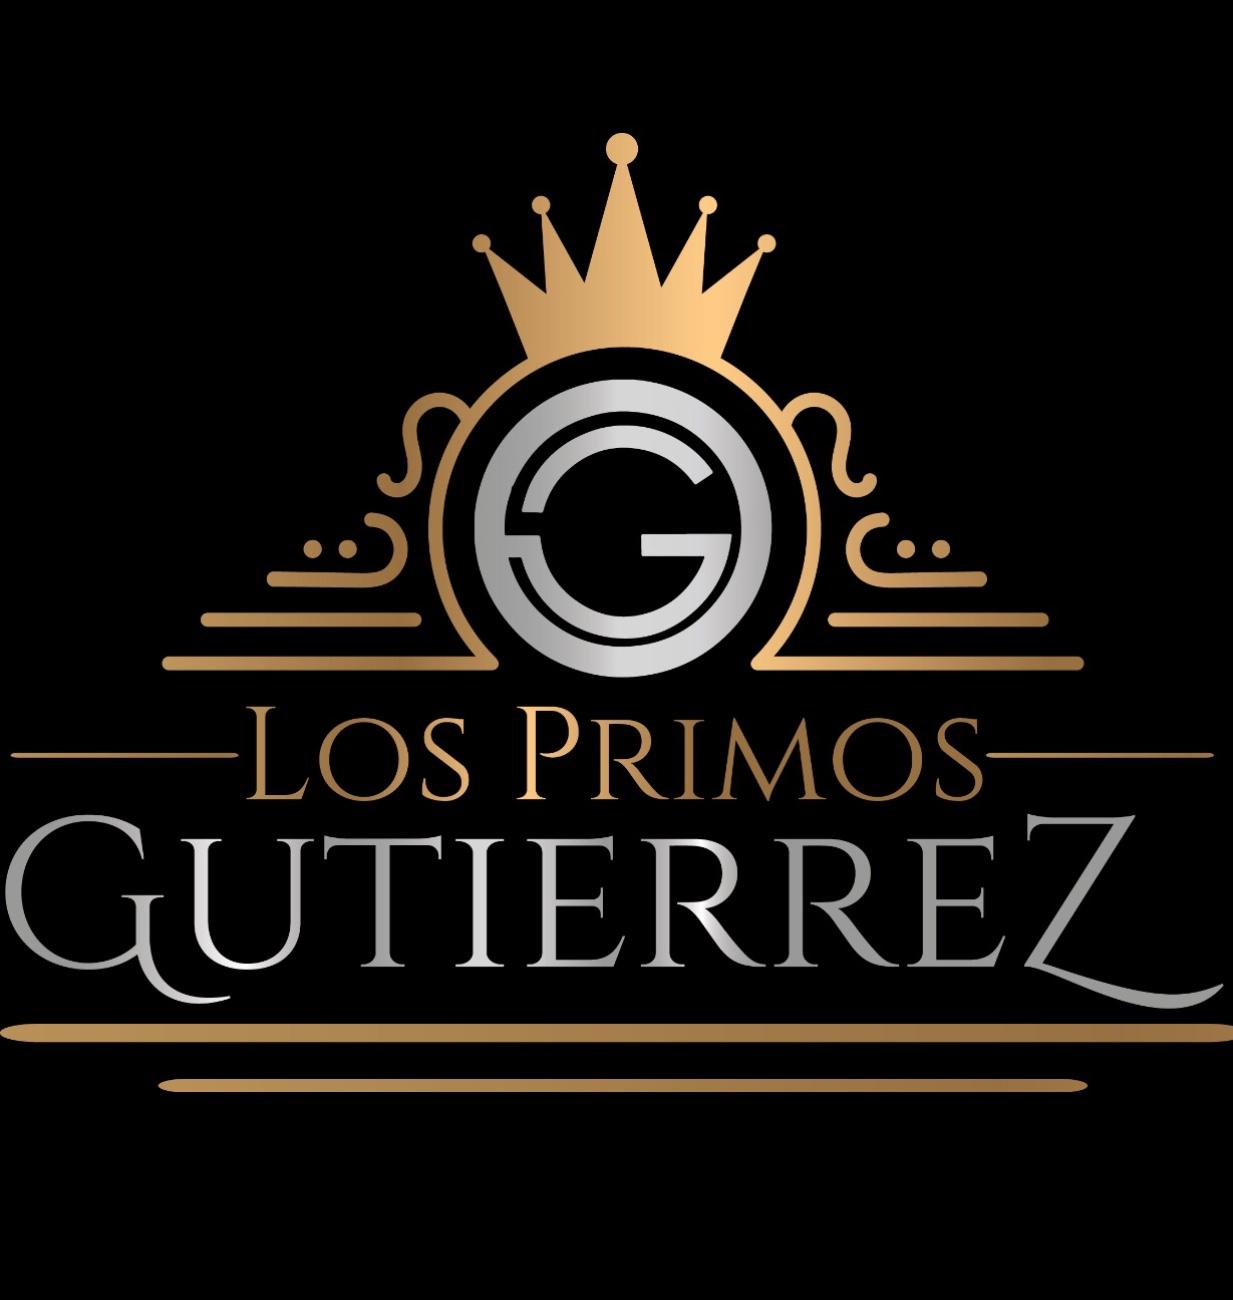 Los Primos Gutiérrez dba Samana Aventure Tours primary image